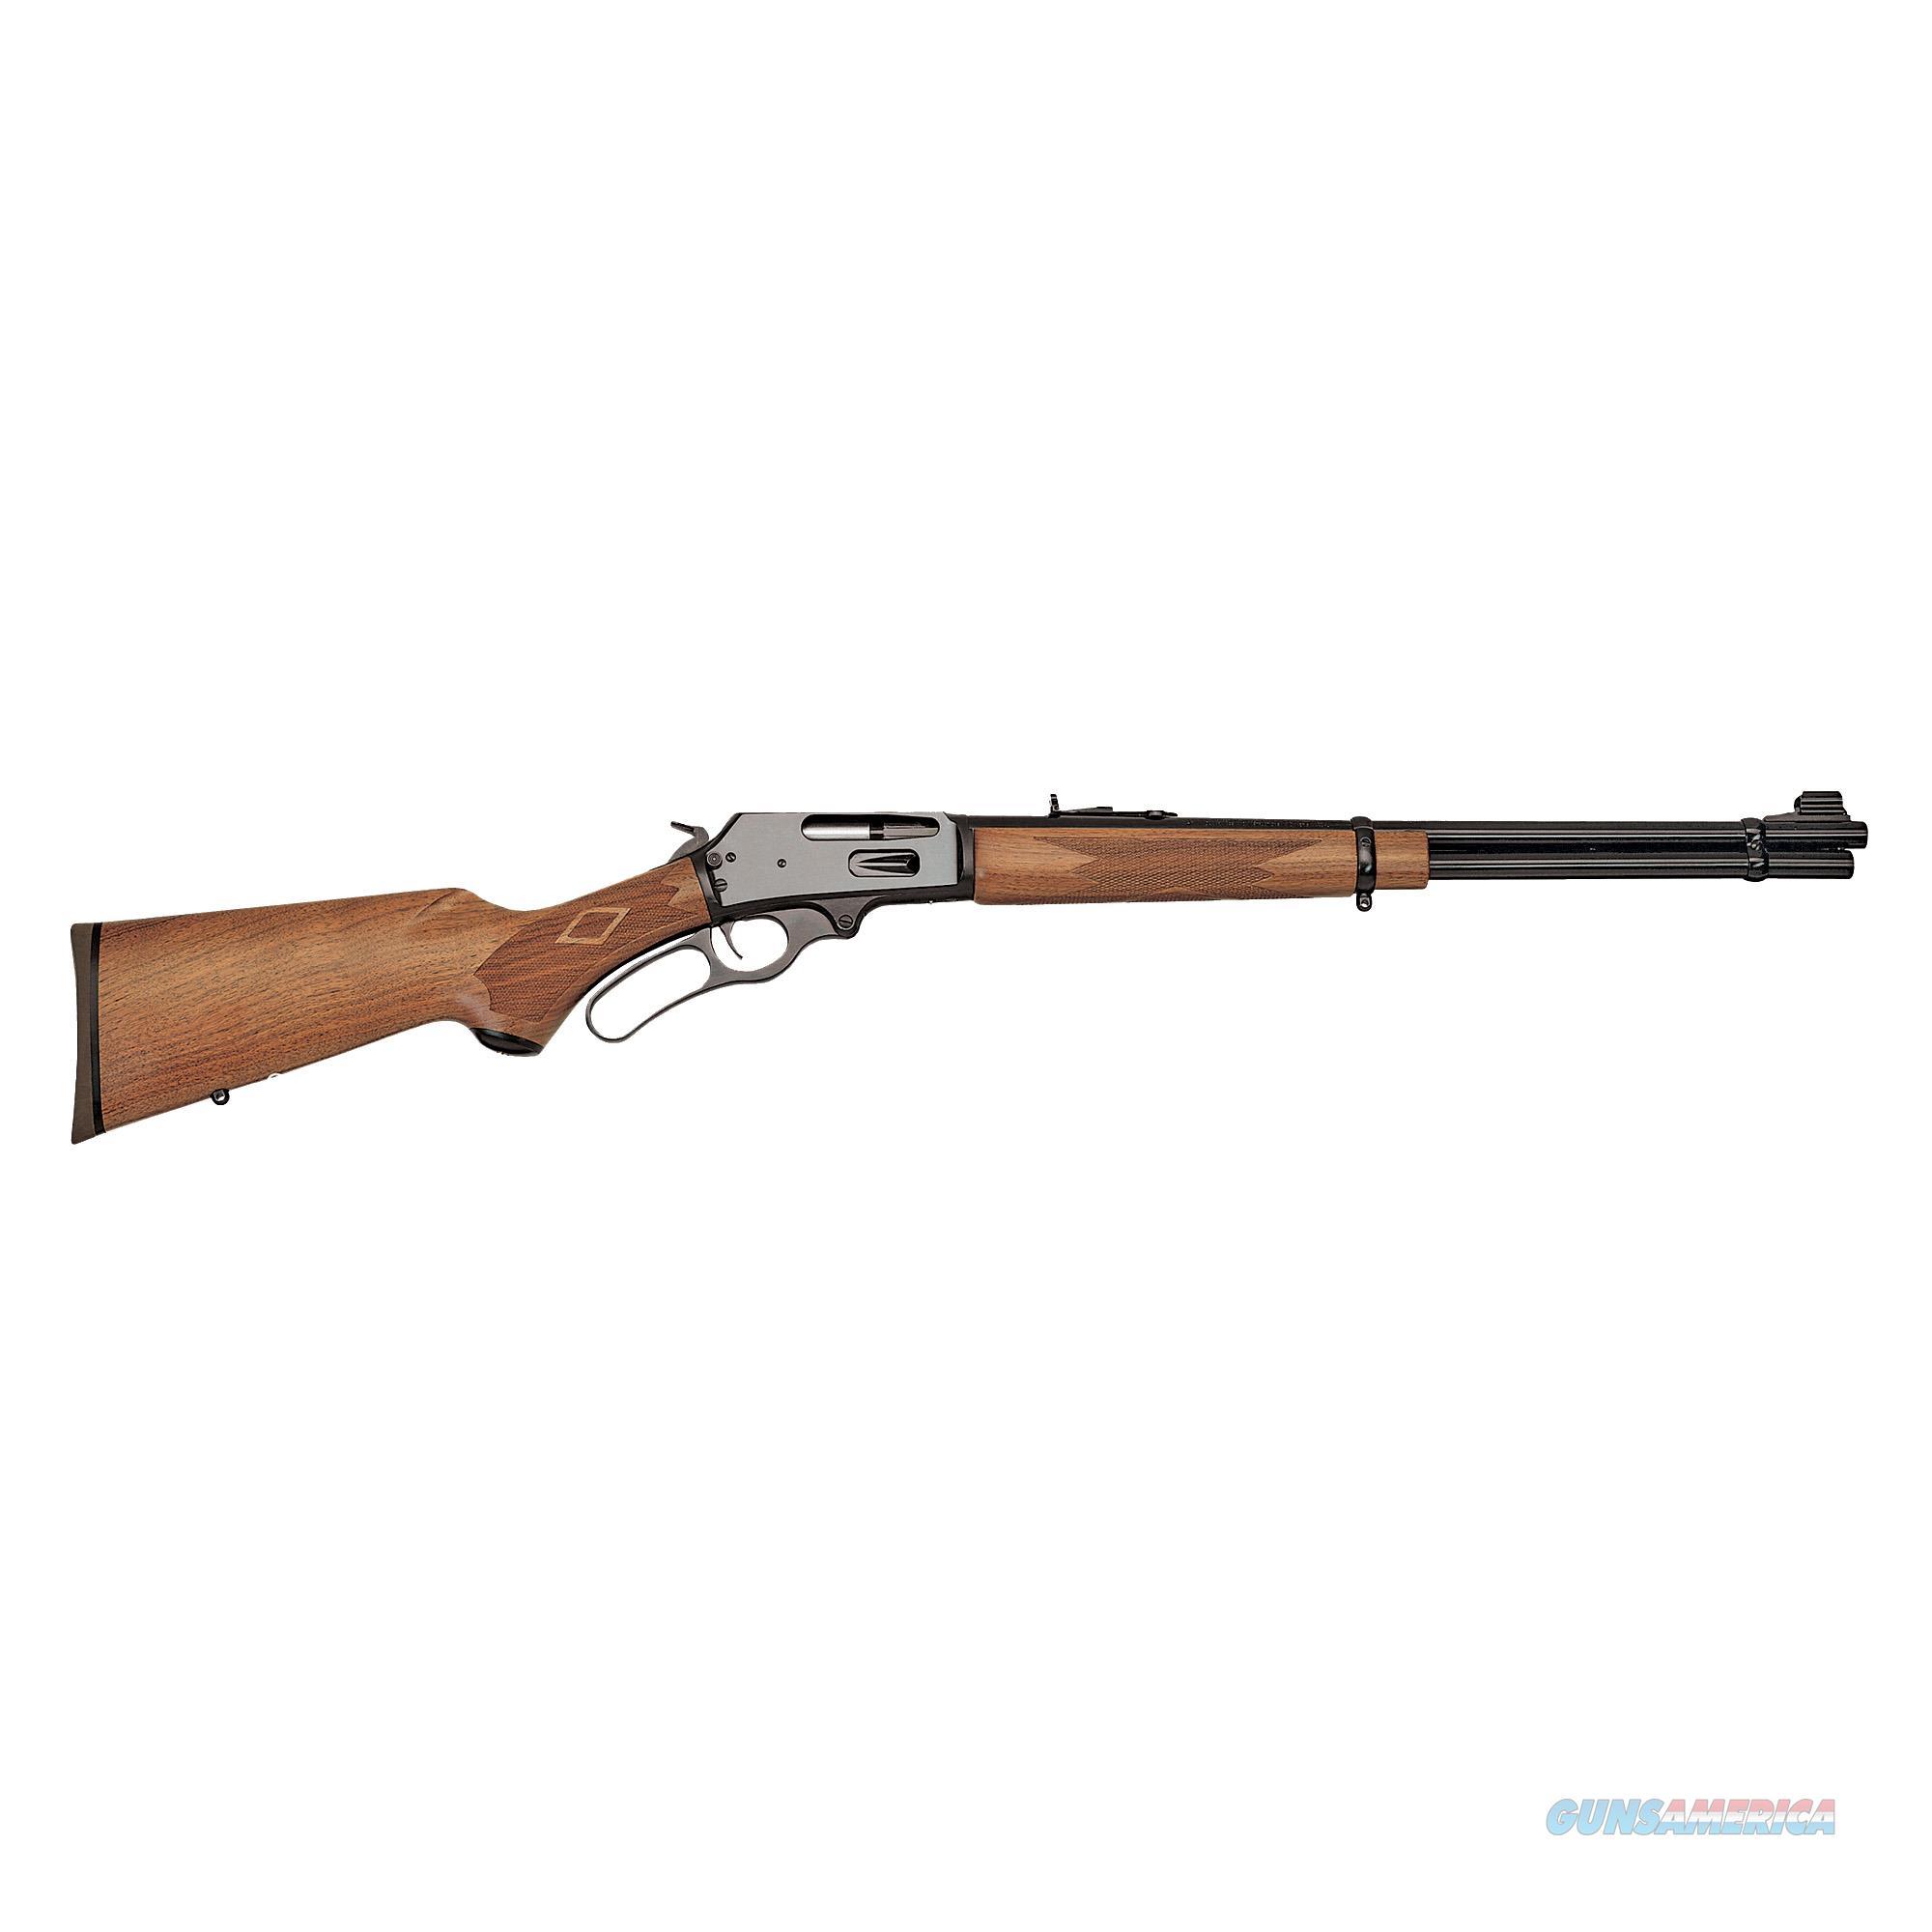 """Marlin 336C Lever Action 30-30 20"""" Barrel, 6+1 cap $575 NIB  Guns > Rifles > Marlin Rifles > Modern > Lever Action"""